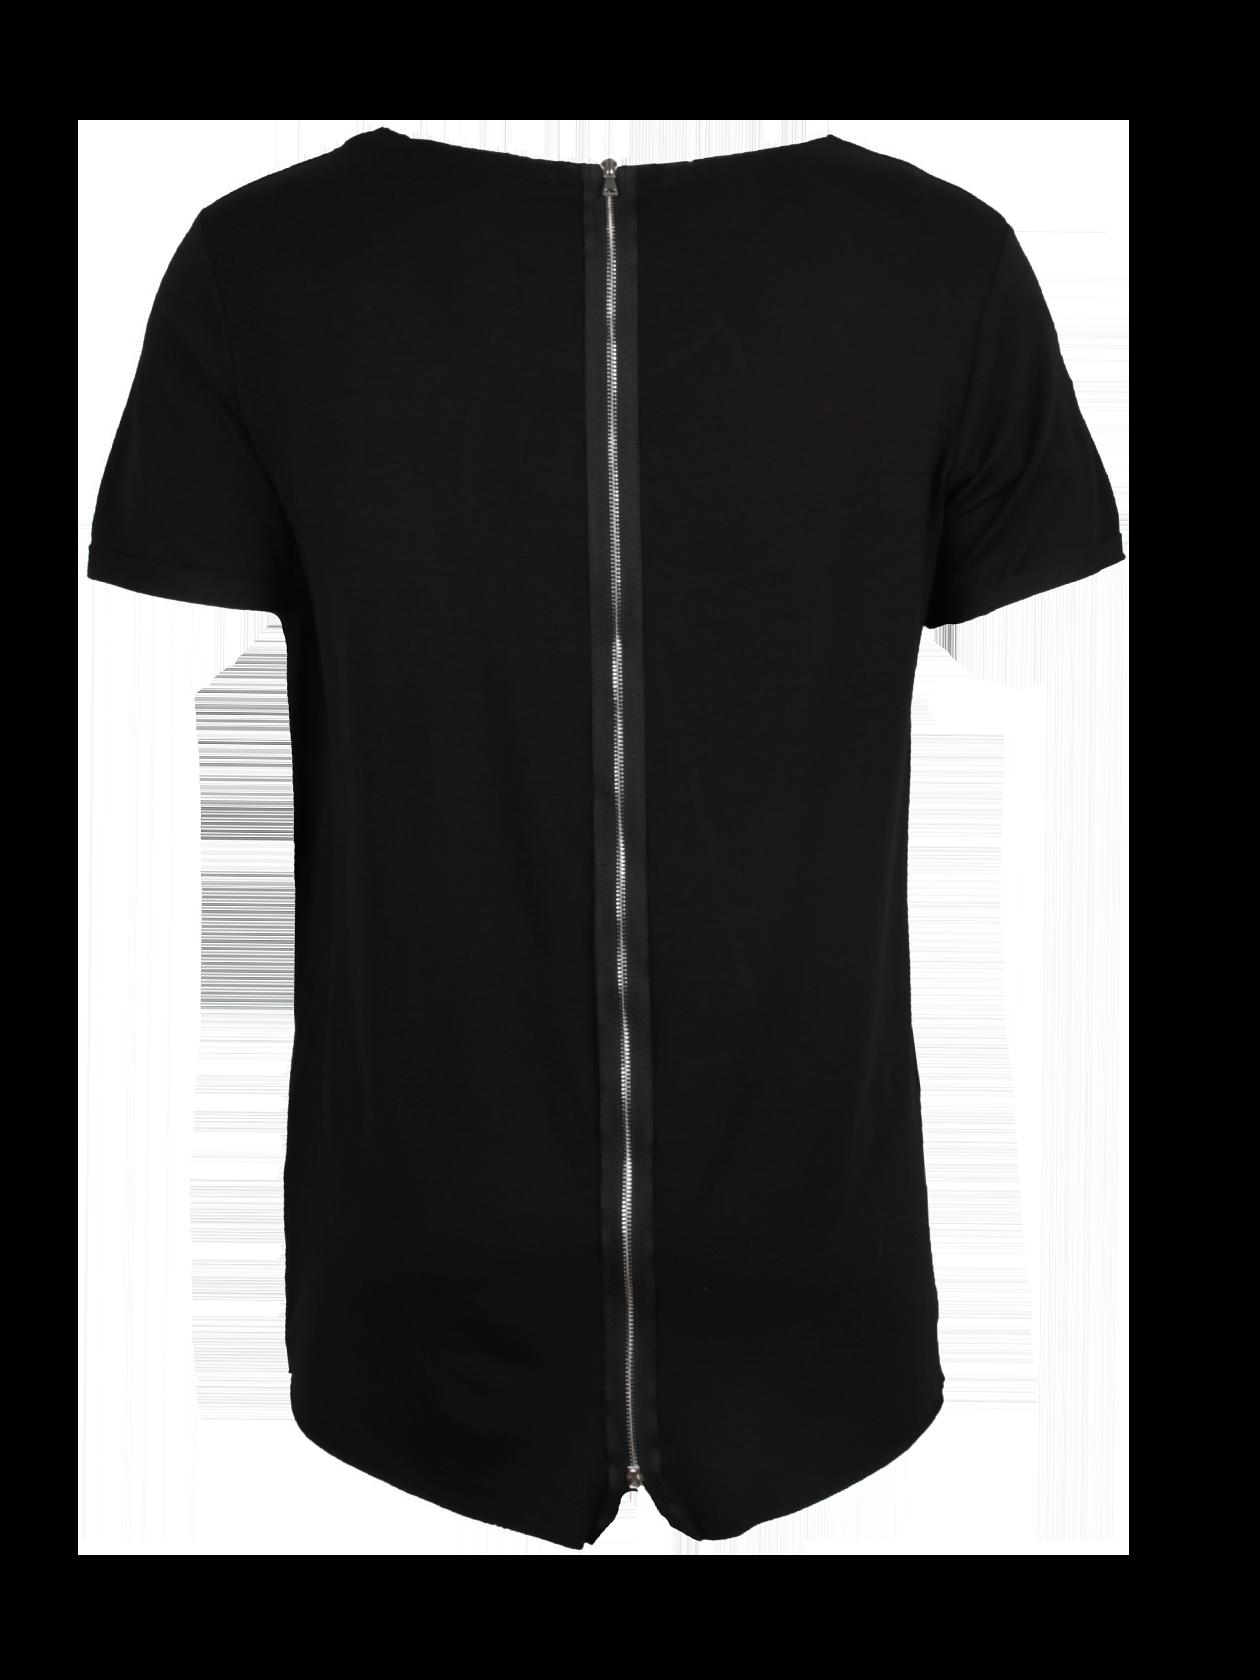 Футболка унисекс ZIPPER BLACKАктуальная в любом сезоне футболка Zipper Black – стильное дополнение любого лука спортивного и повседневного направления. Модель свободного прямого кроя с закругленной спинкой. Небольшой рукав, горловина с широким вырезом, внутри имеется фирменная нашивка с логотипом Black Star Wear. Декоративный элемент – вертикальная застежка молния черного цвета, оформленная по центру спины. Футболка сшита из высококачественного натурального хлопка, приятного к телу. В наличии две расцветки: черная и серый меланж.<br><br>Размер: M<br>Цвет: Черный<br>Пол: Женский